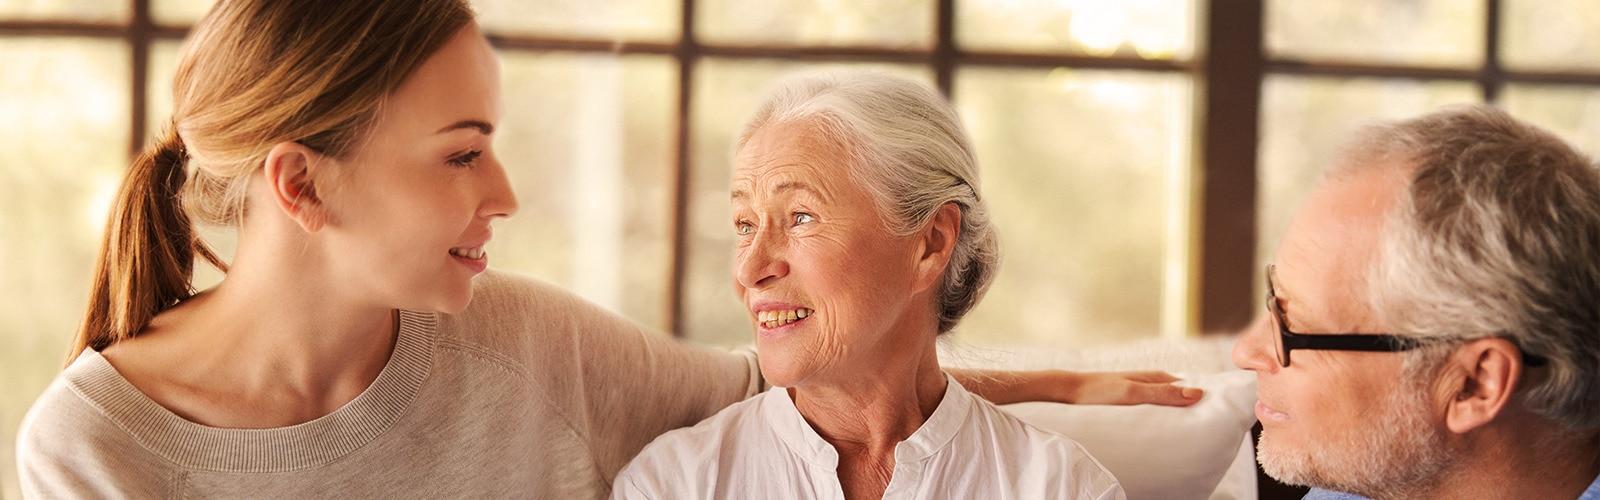 İleri yaştaki çift genç kadınla otururken - vücudunuzu zorlamadanhastanıza bakma